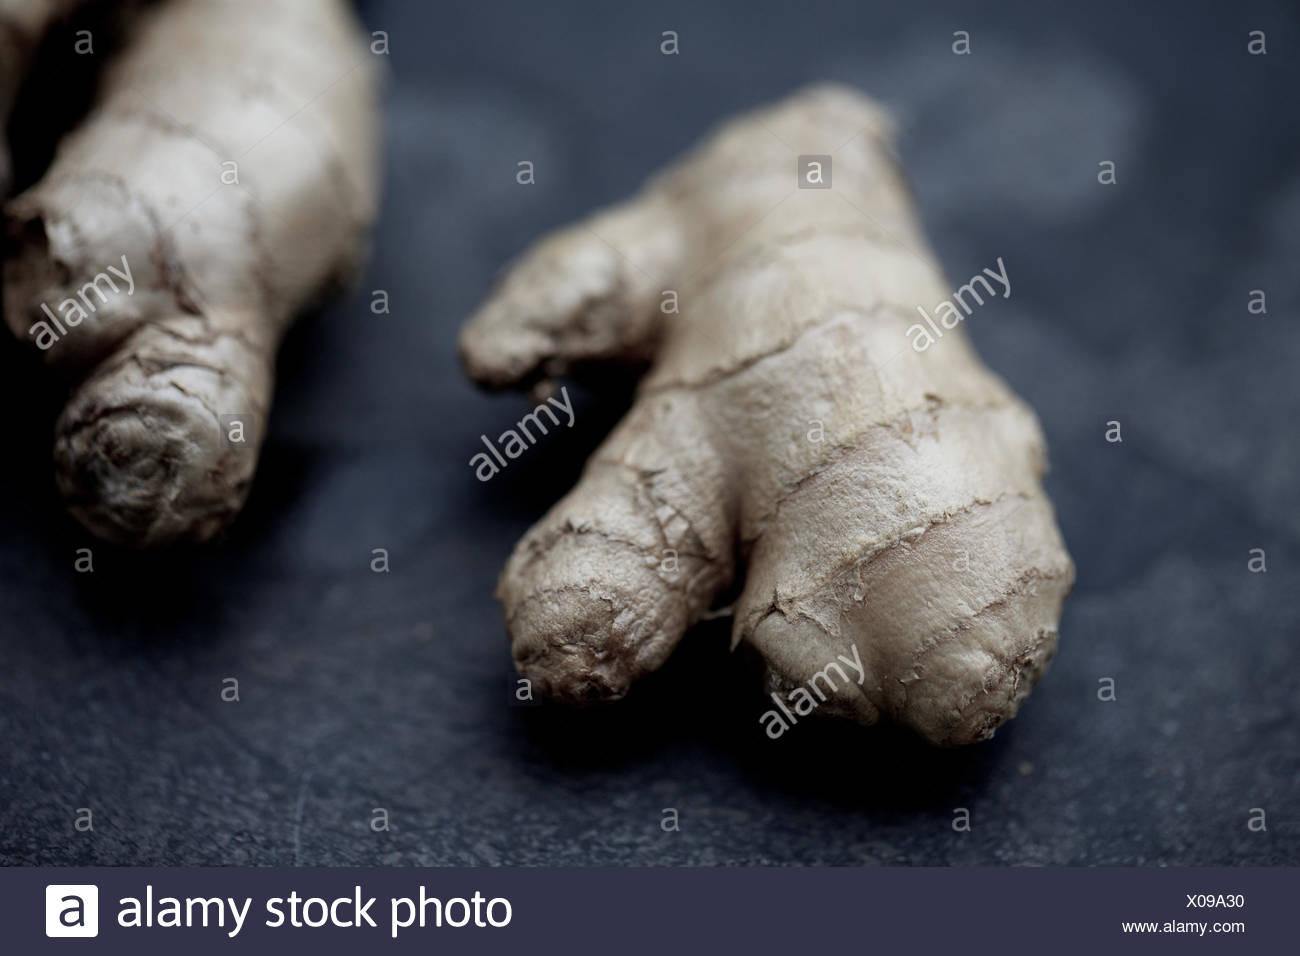 Le gingembre cru frais, d'épices, de l'ingrédient., produits bio. Photo Stock